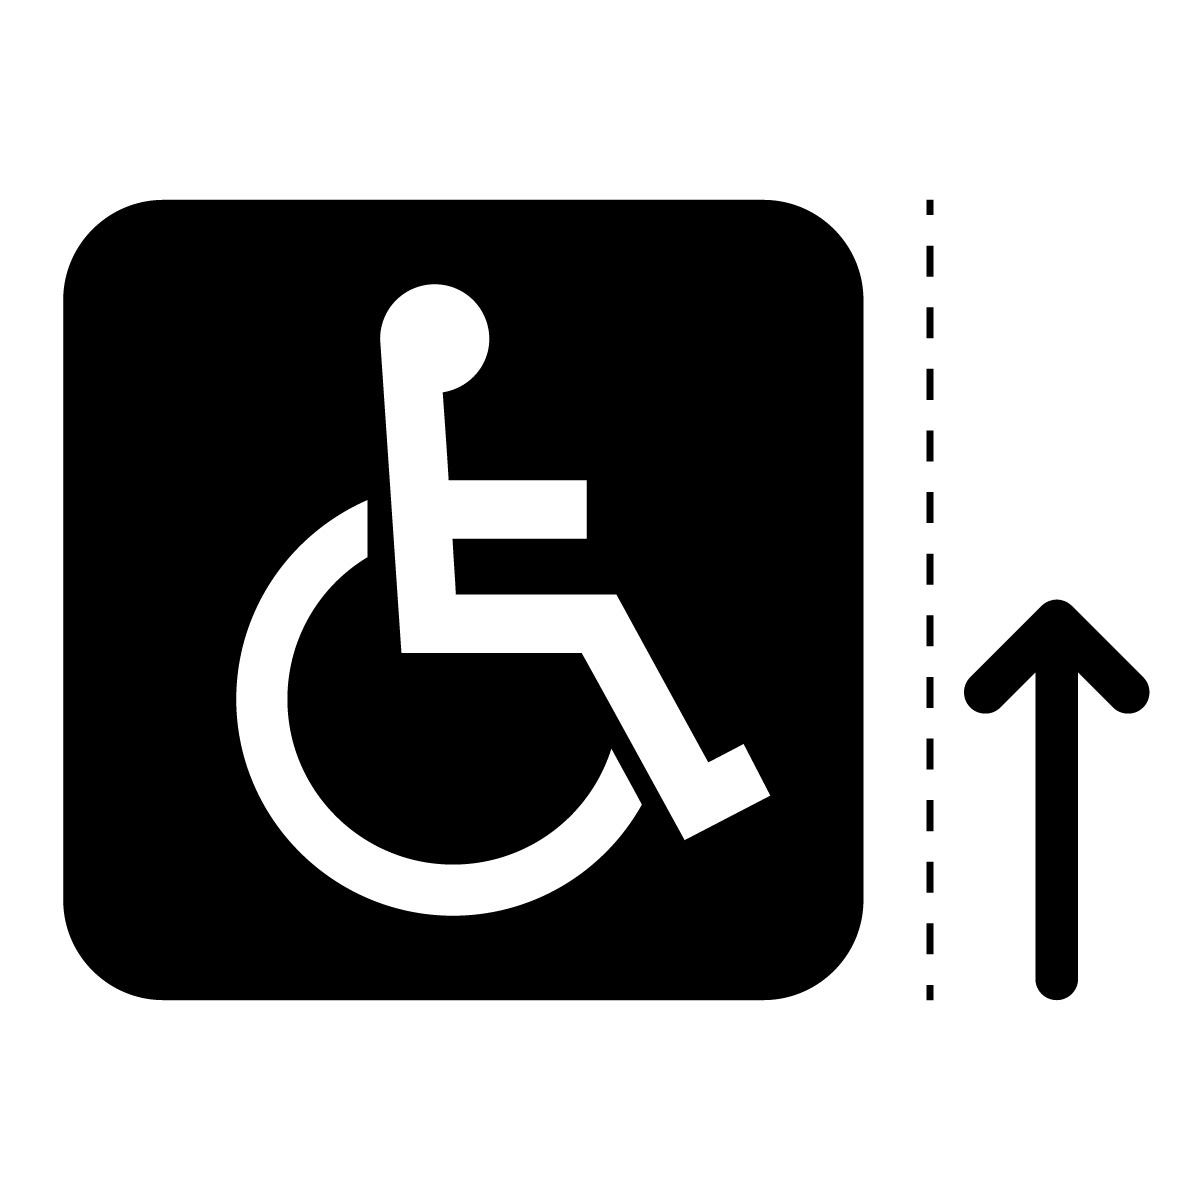 黒色の車椅子・障害者案内マーク(矢印付き)のカッティングステッカー・シール